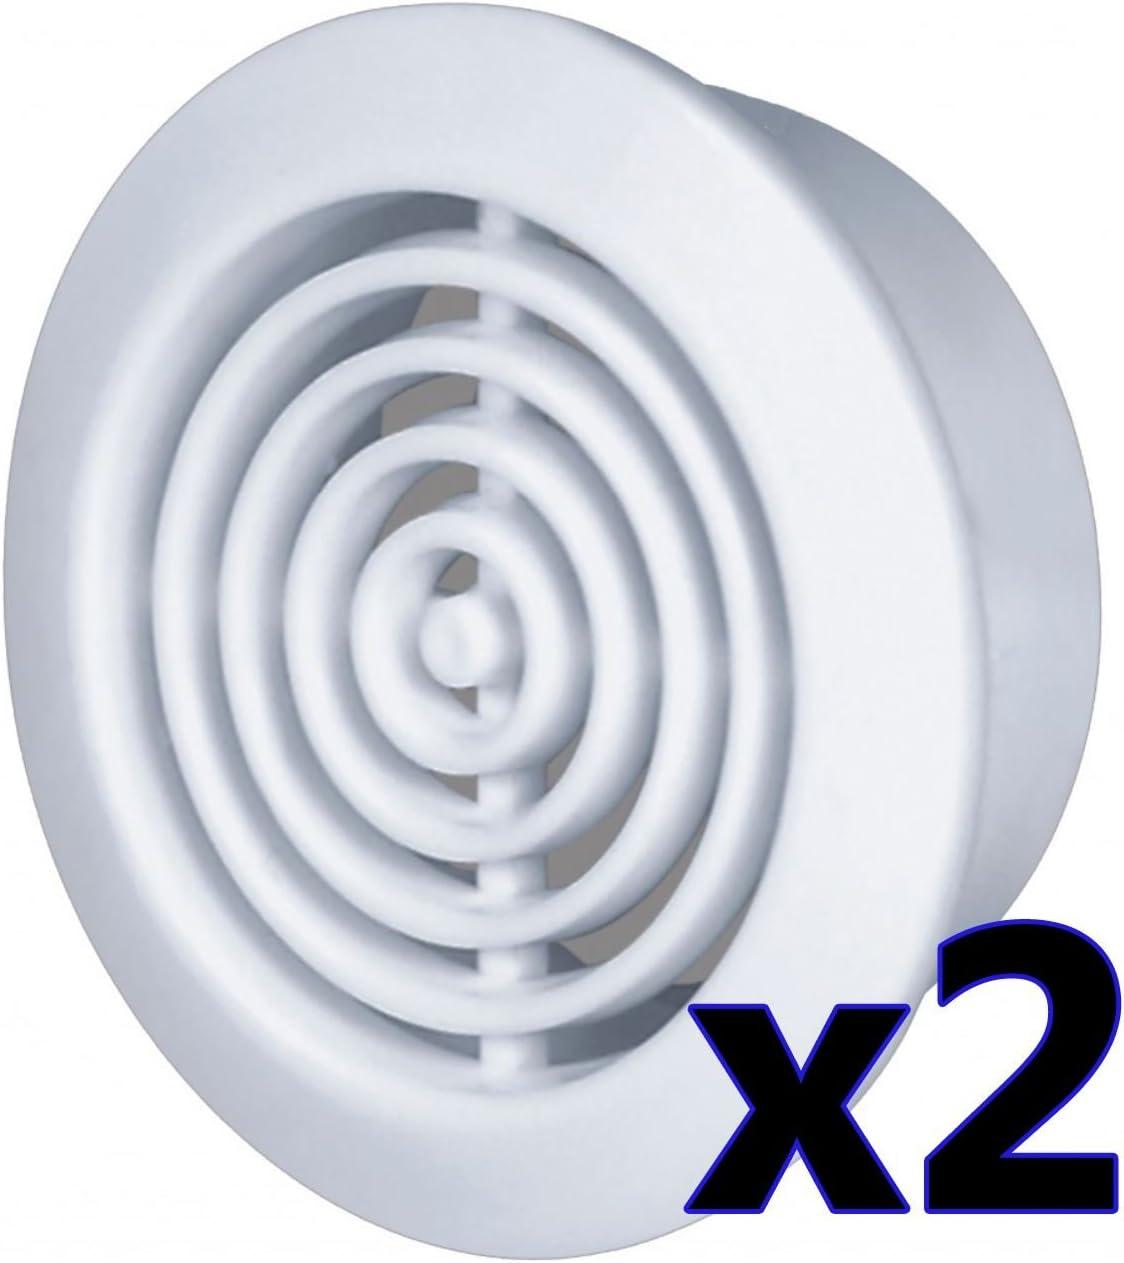 Zasiene Grille Aeration Ronde 25 Pi/èces Grille Ventilation Acier Inoxydable Grille Da/ération Trou Grille de Ventilation Inox,35mm